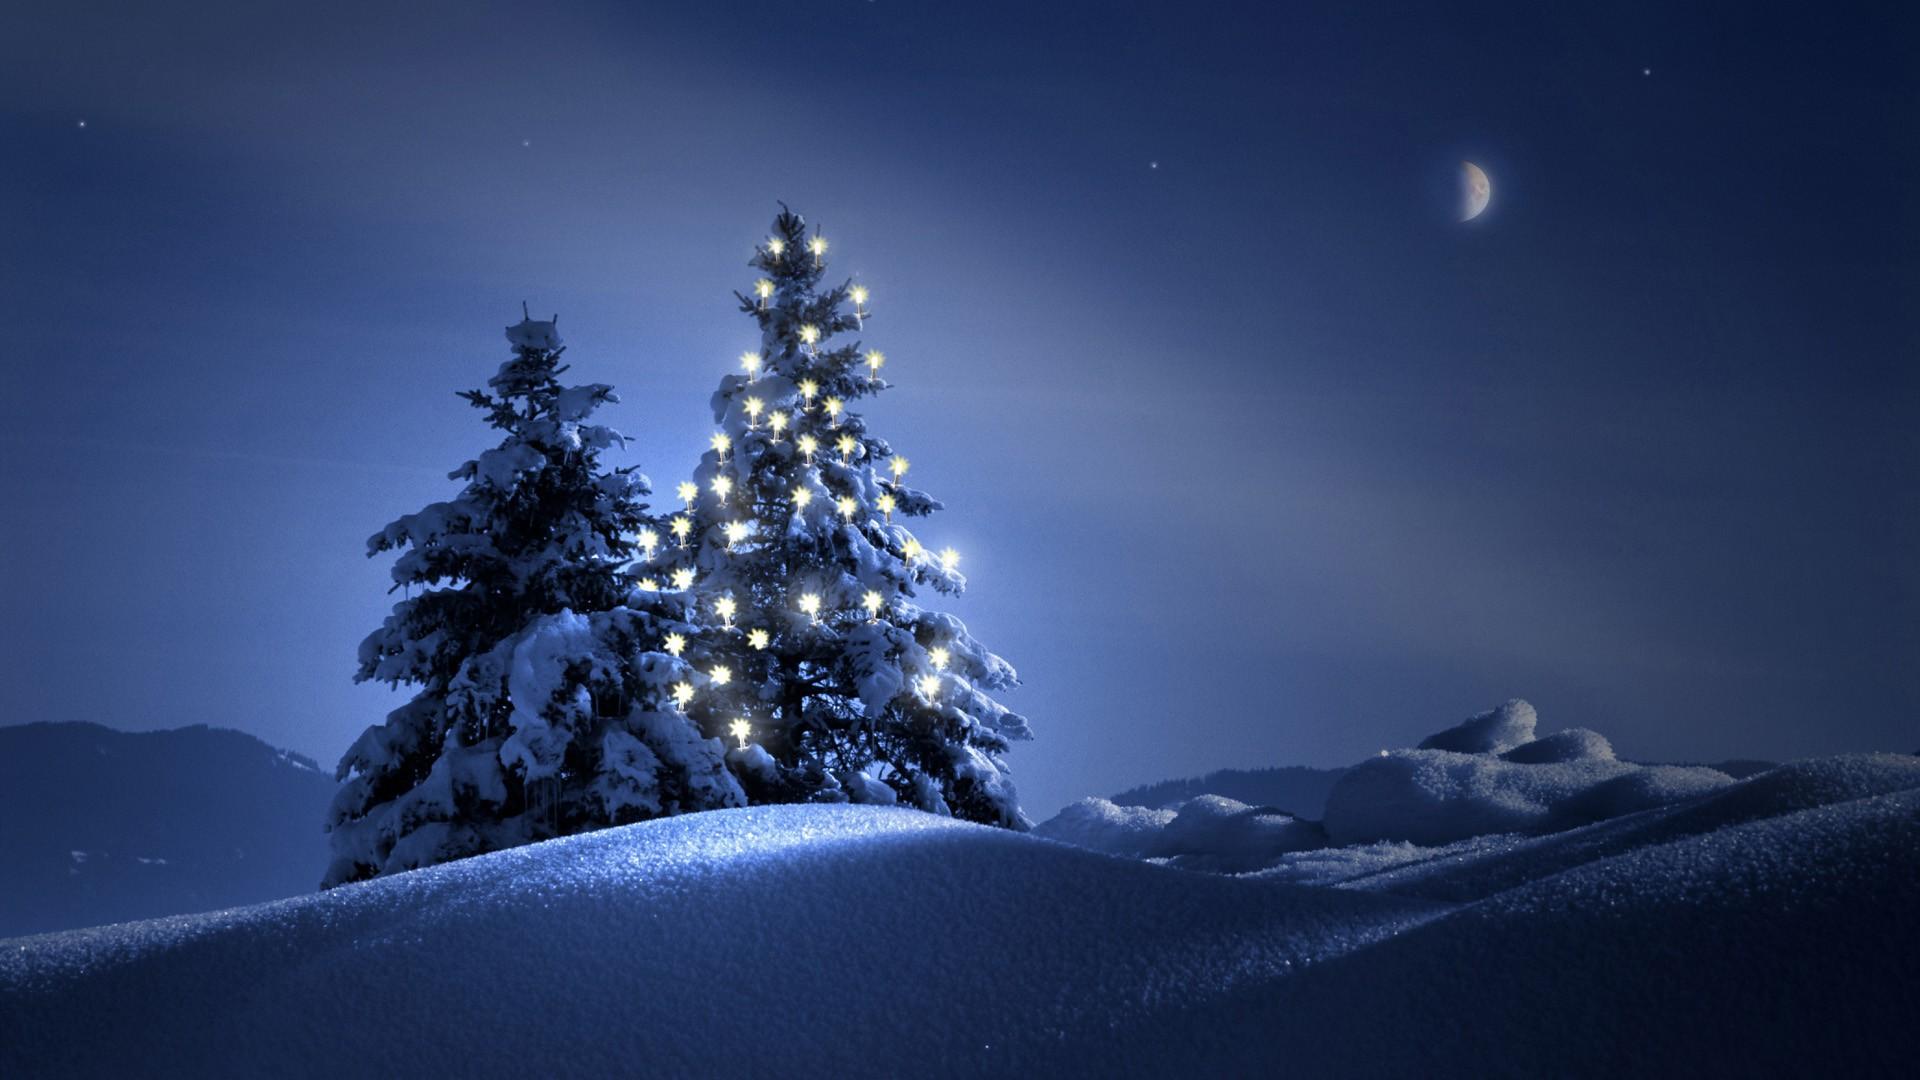 только елка ночью картинки попытки покататься коньках